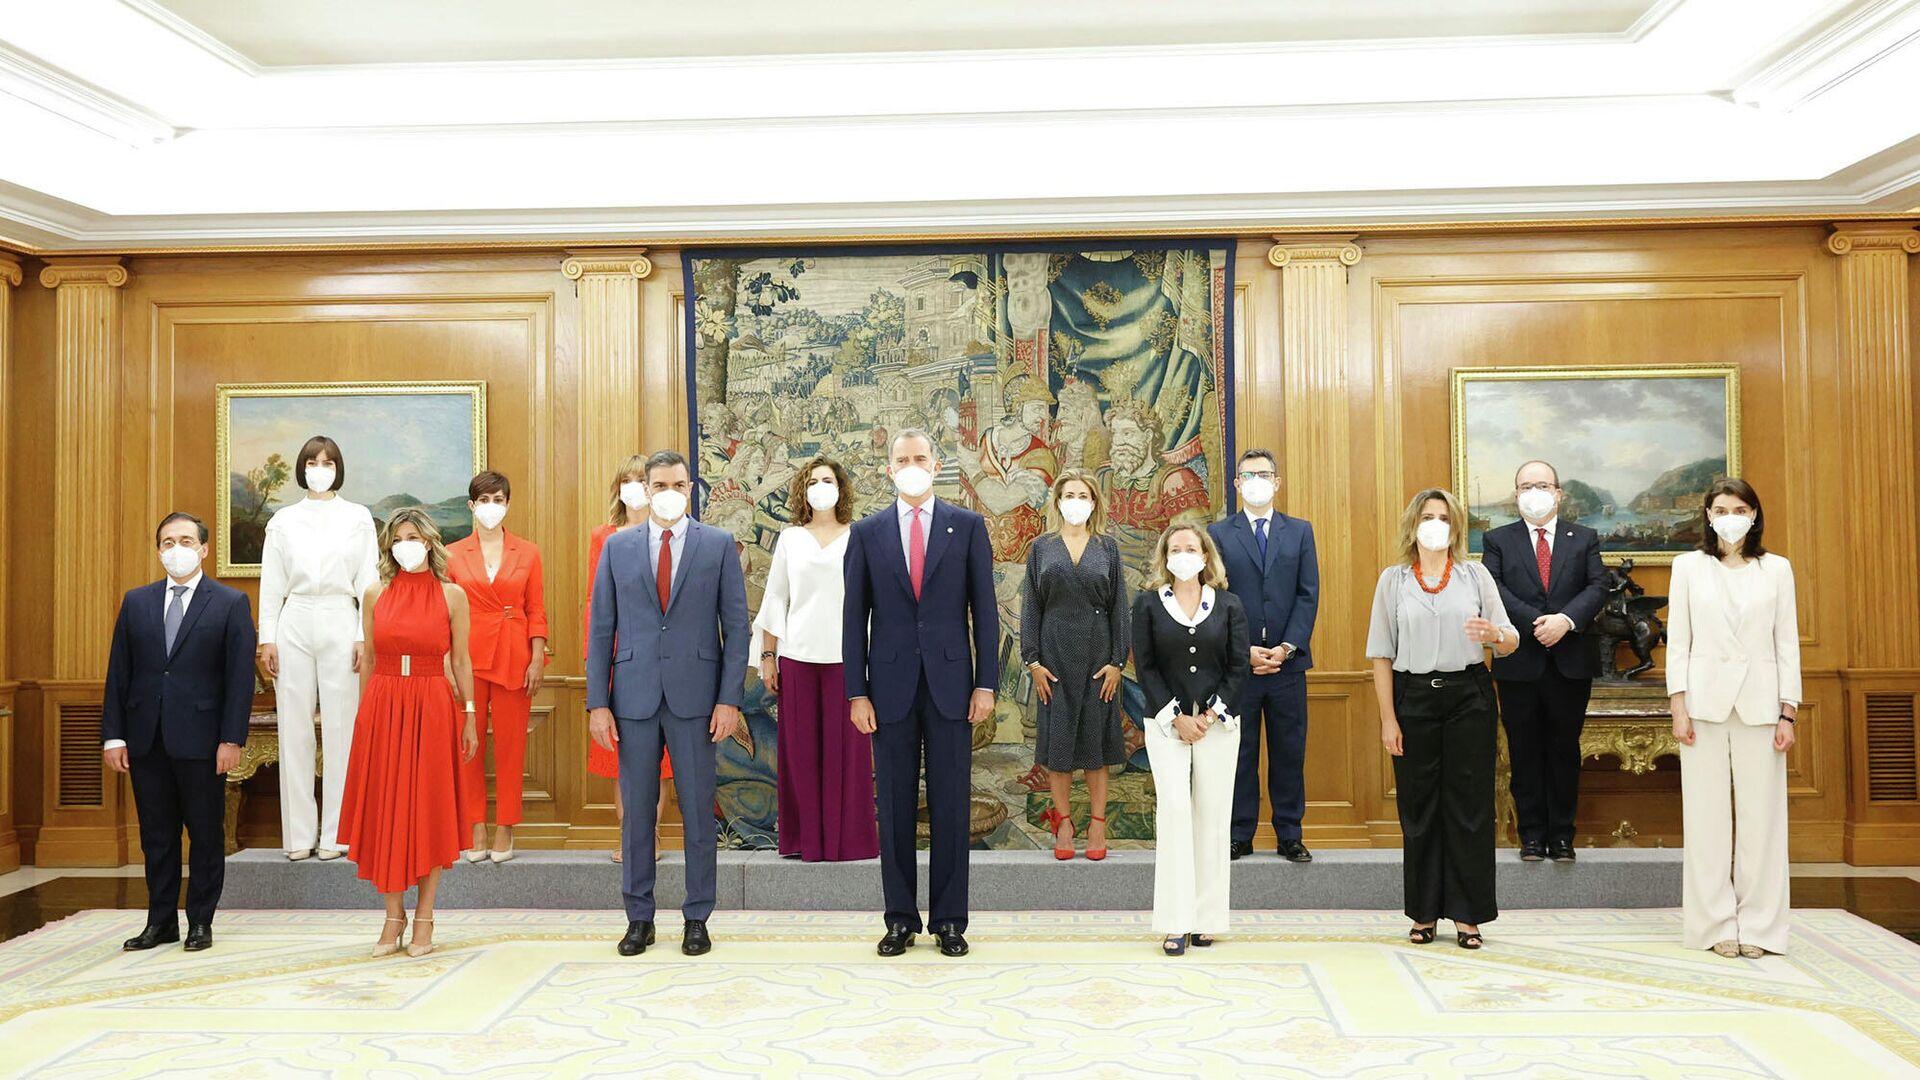 El rey Felipe VI, el presidente del Gobierno, Pedro Sánchez, las vicepresidentas, y los nuevos ministros y ministras - Sputnik Mundo, 1920, 12.07.2021